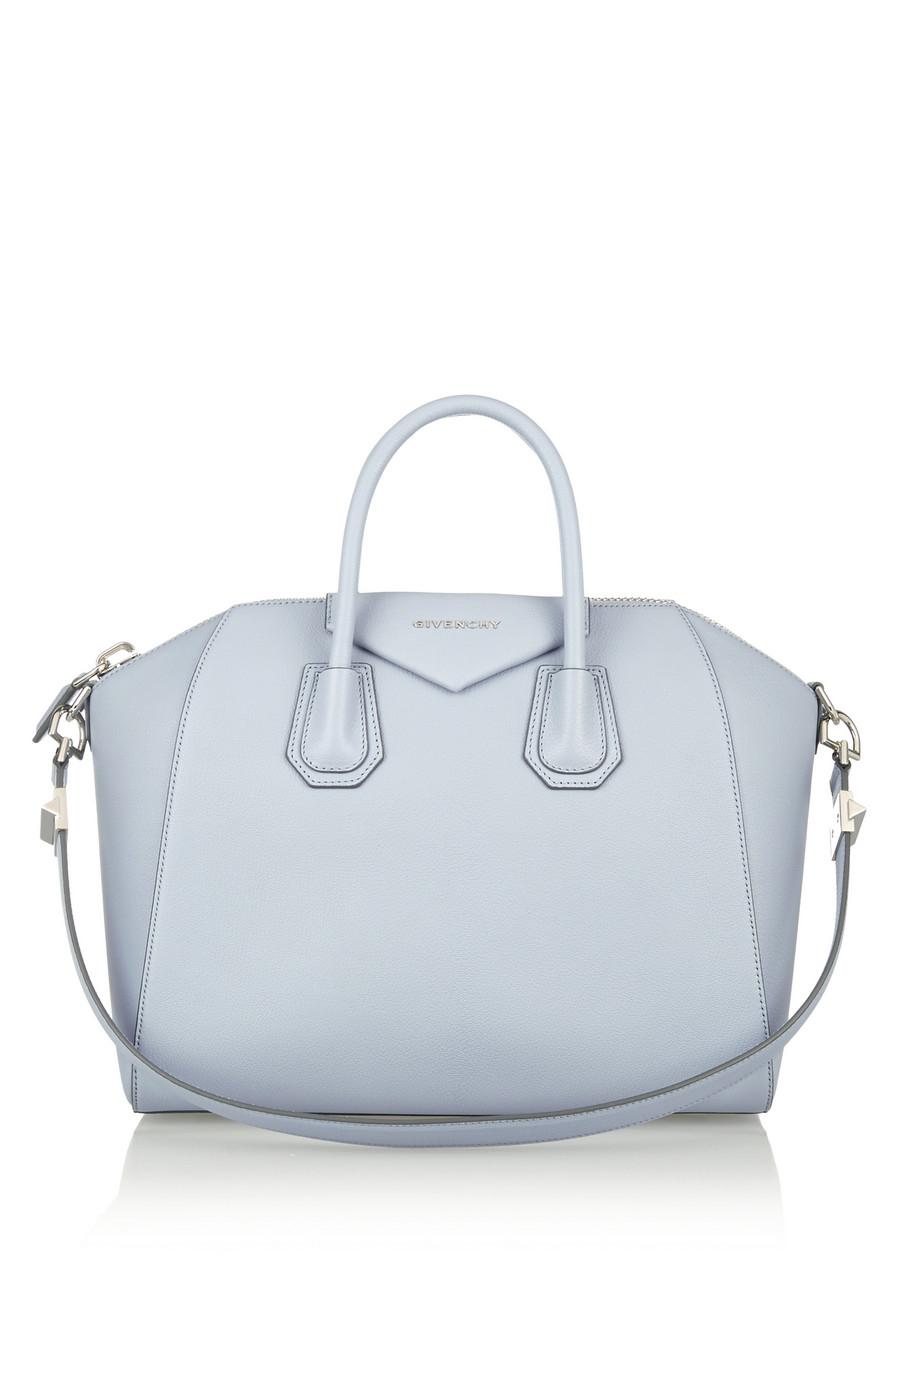 Lyst - Givenchy Medium Antigona Bag In Dusky-Blue Textured-Leather ... 2ef208d0b4340